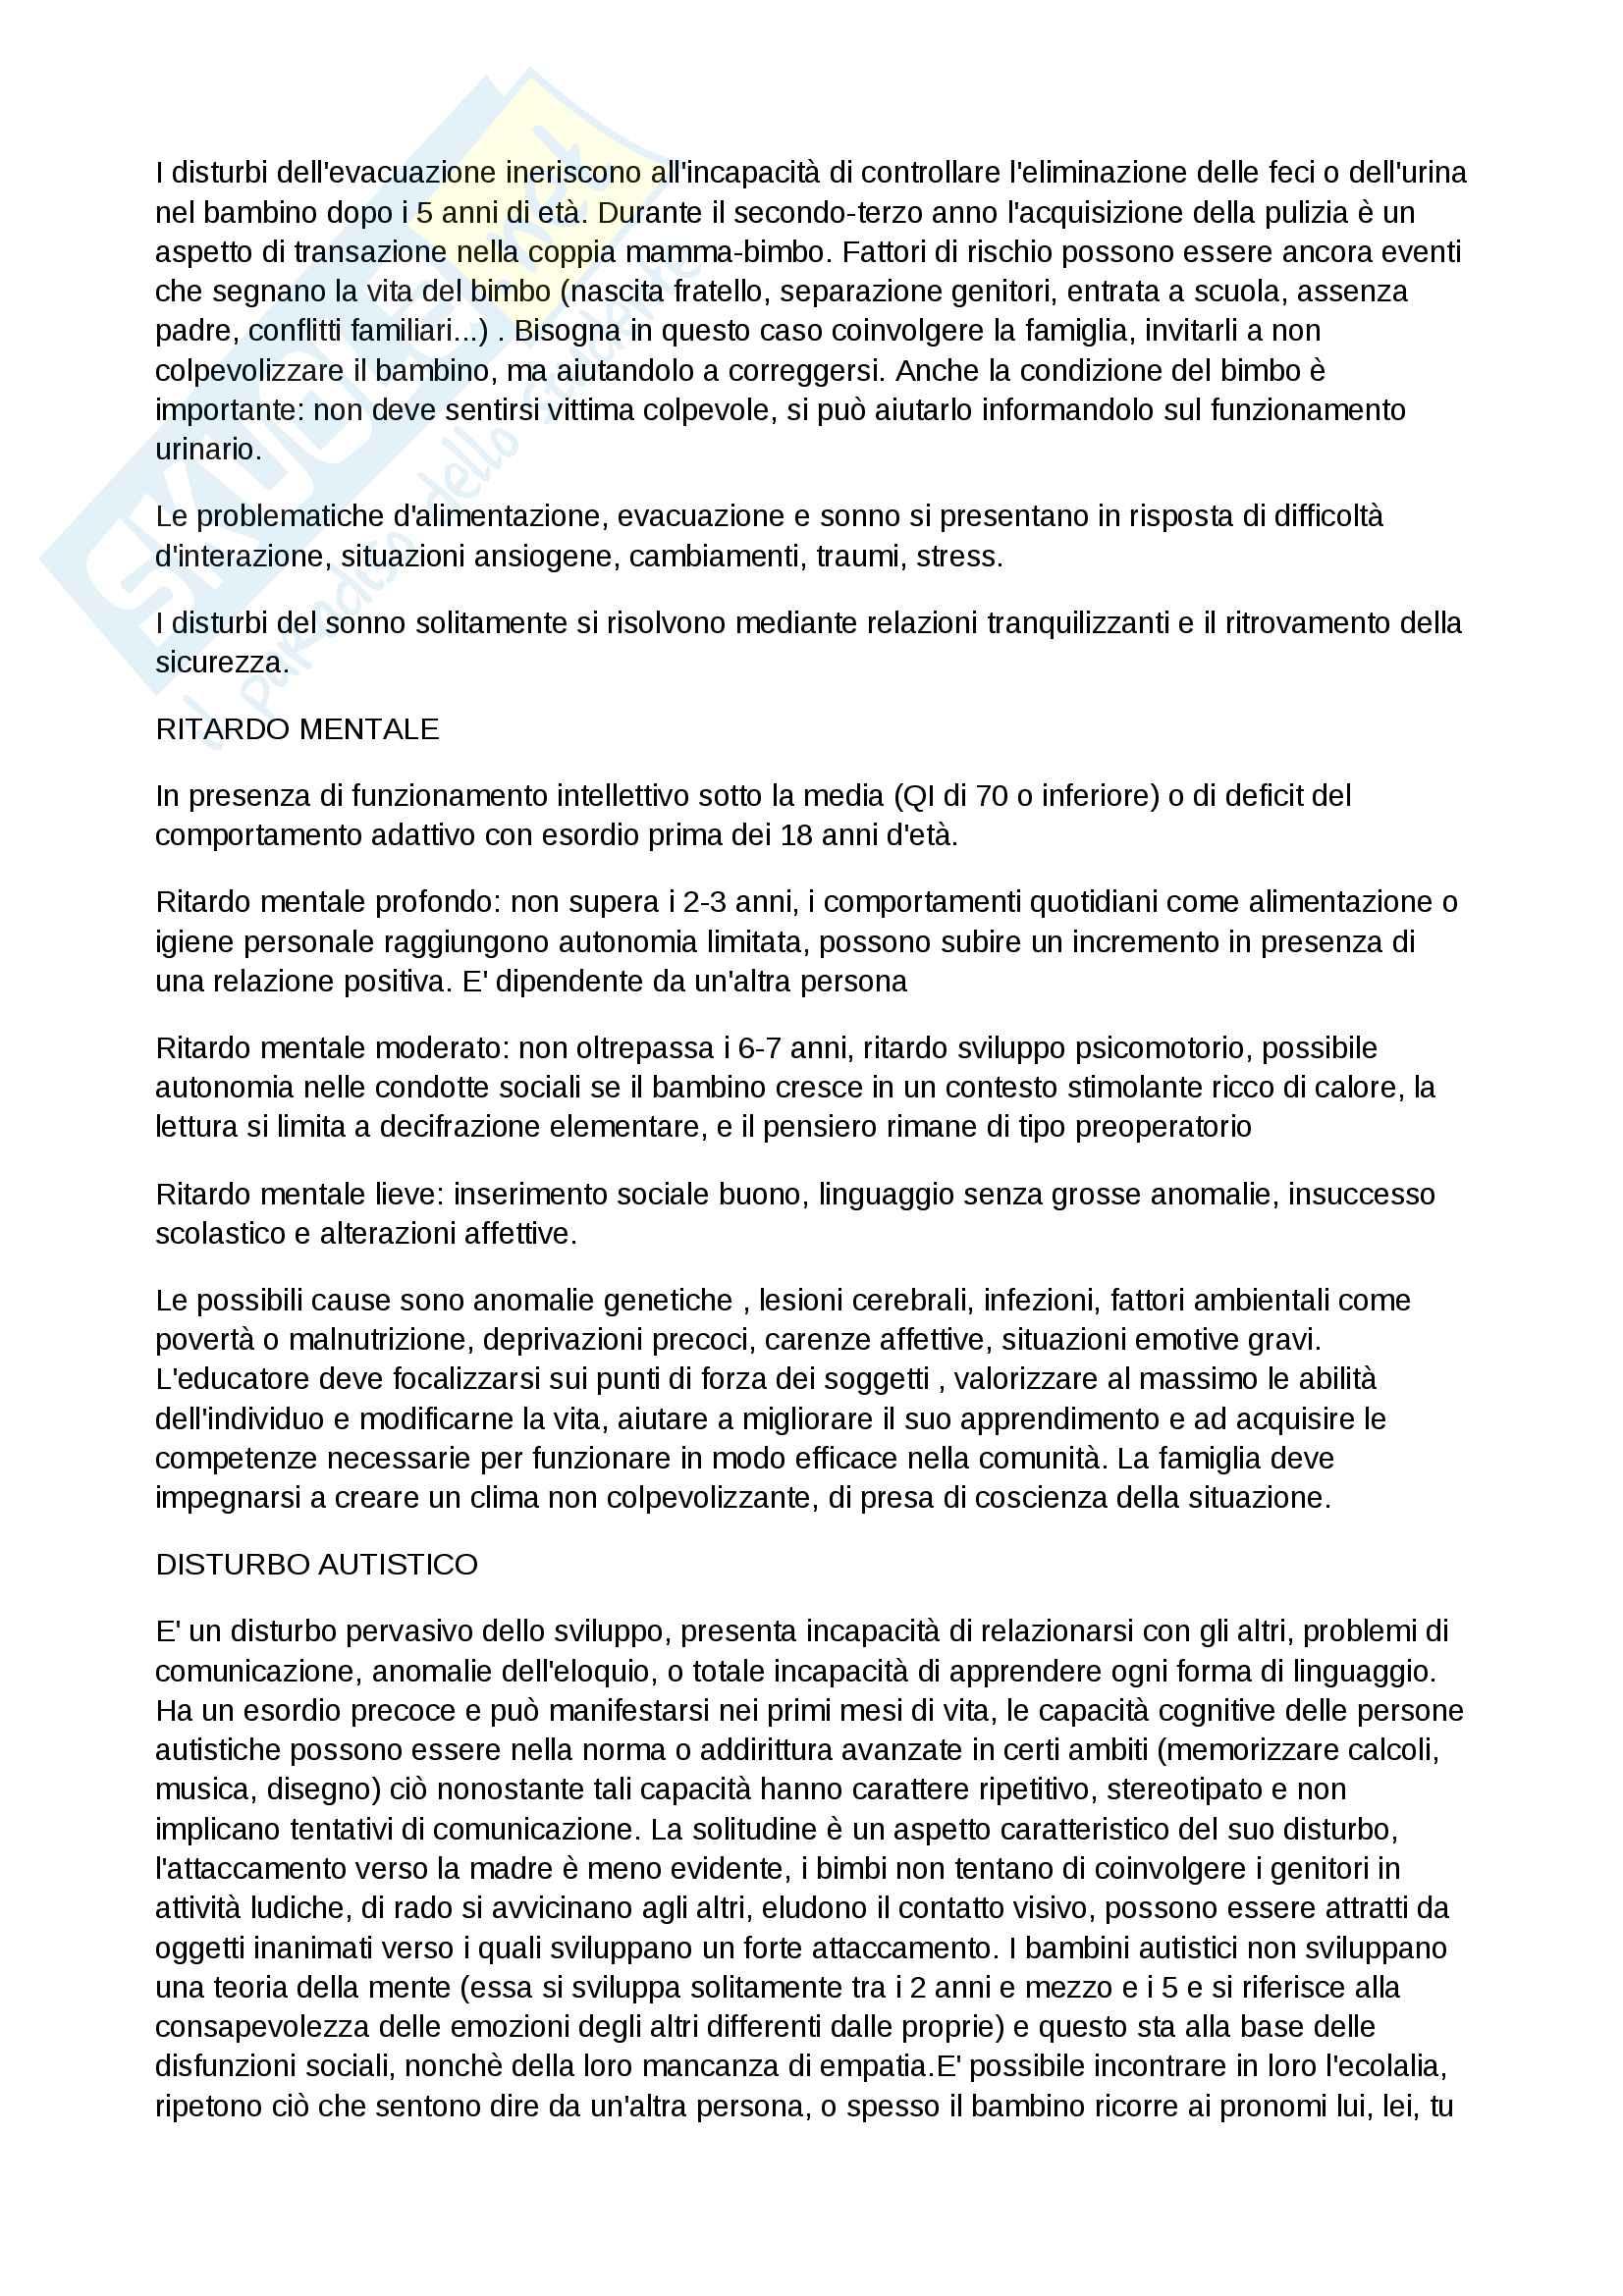 Riassunto esame Psicologia Clinica, docente Perlini, libro consigliato Psicologia Clinica e psicopatologia per l'educazione e la formazione di Roberta Biolcati, Roberto Pani e Samantha Sagliaschi Pag. 11